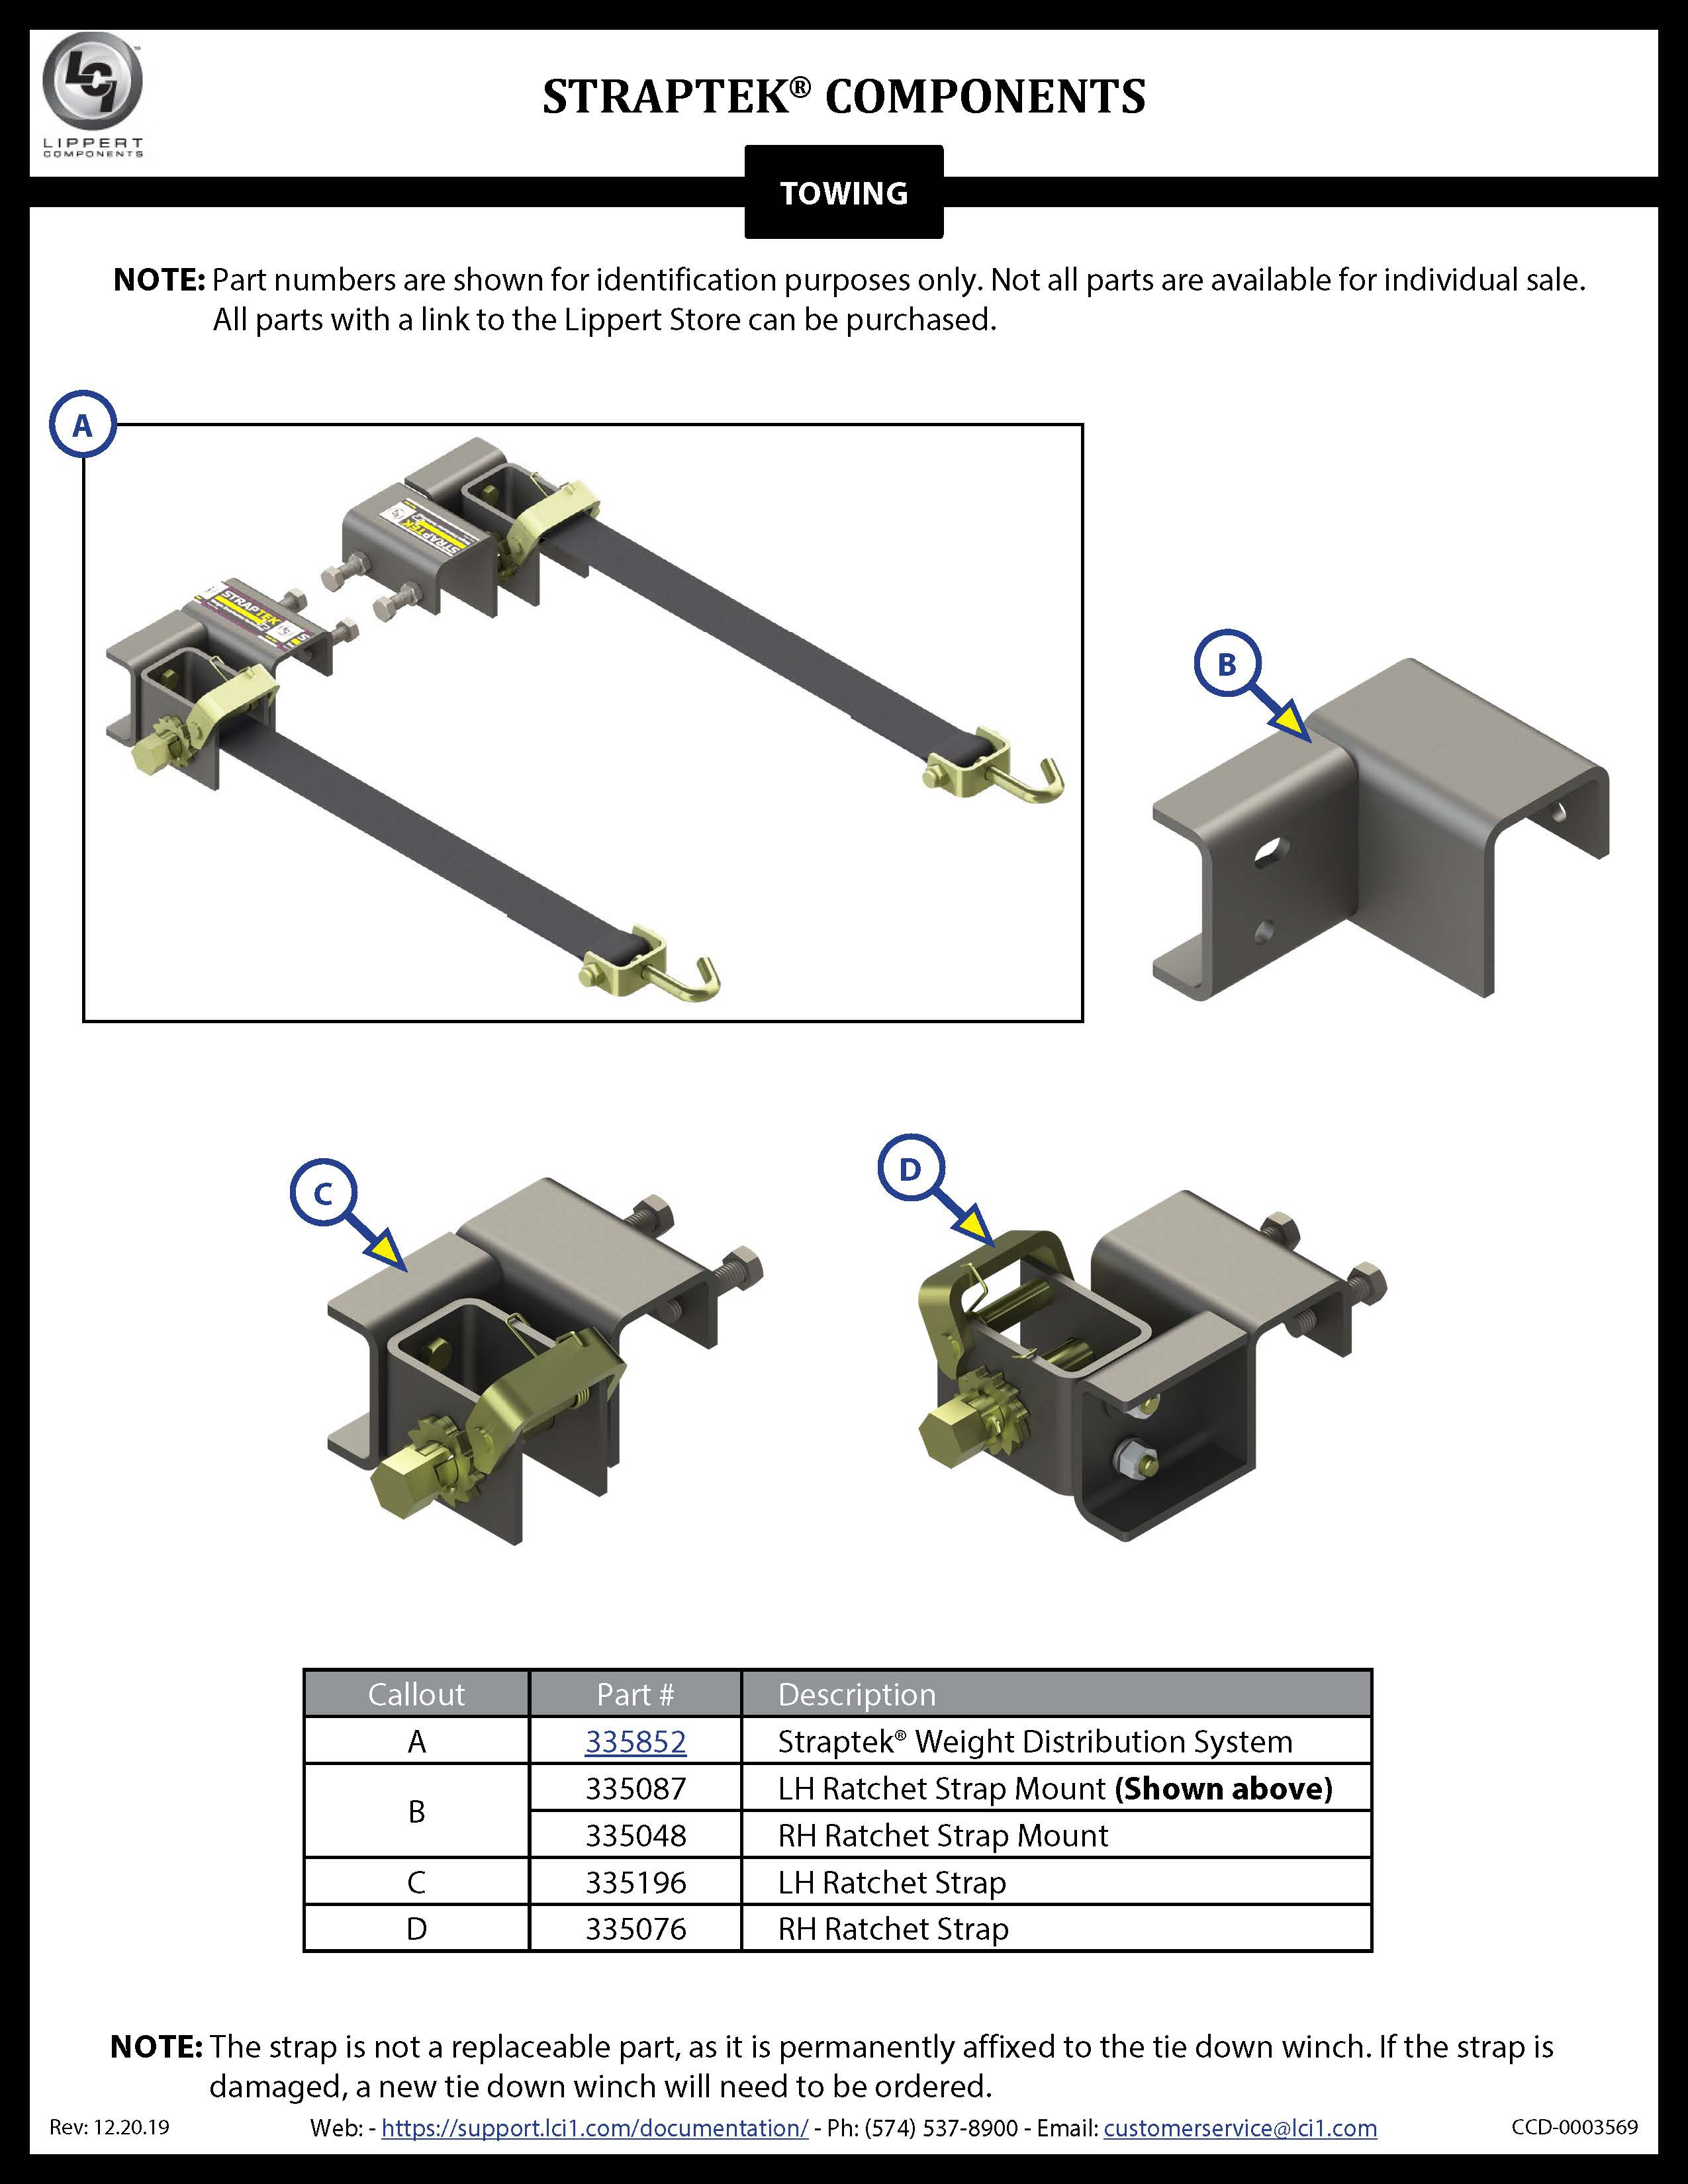 Straptek® Components